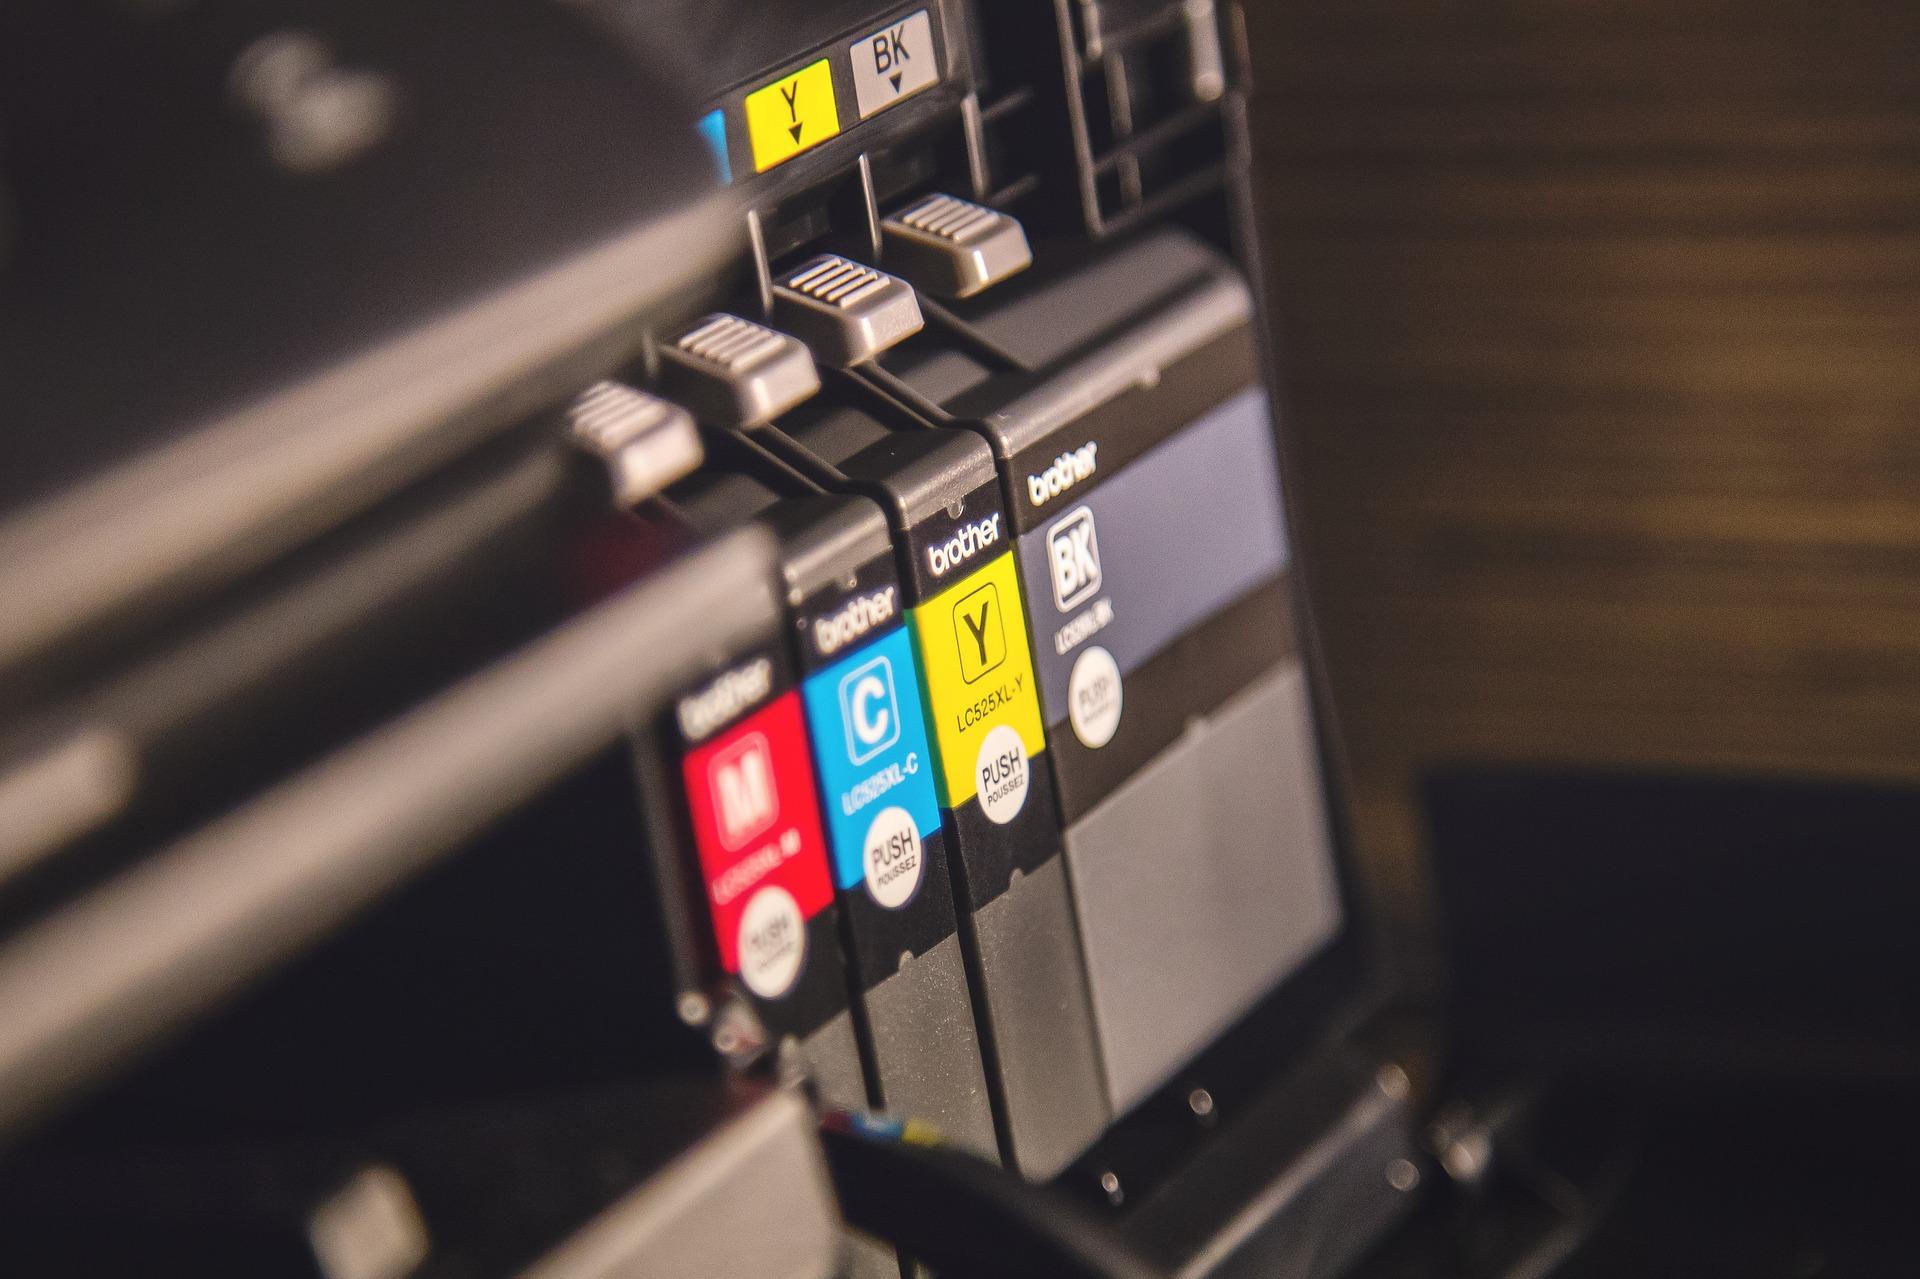 Imagem mostra os tanques de tinta de uma impressora em destaque.